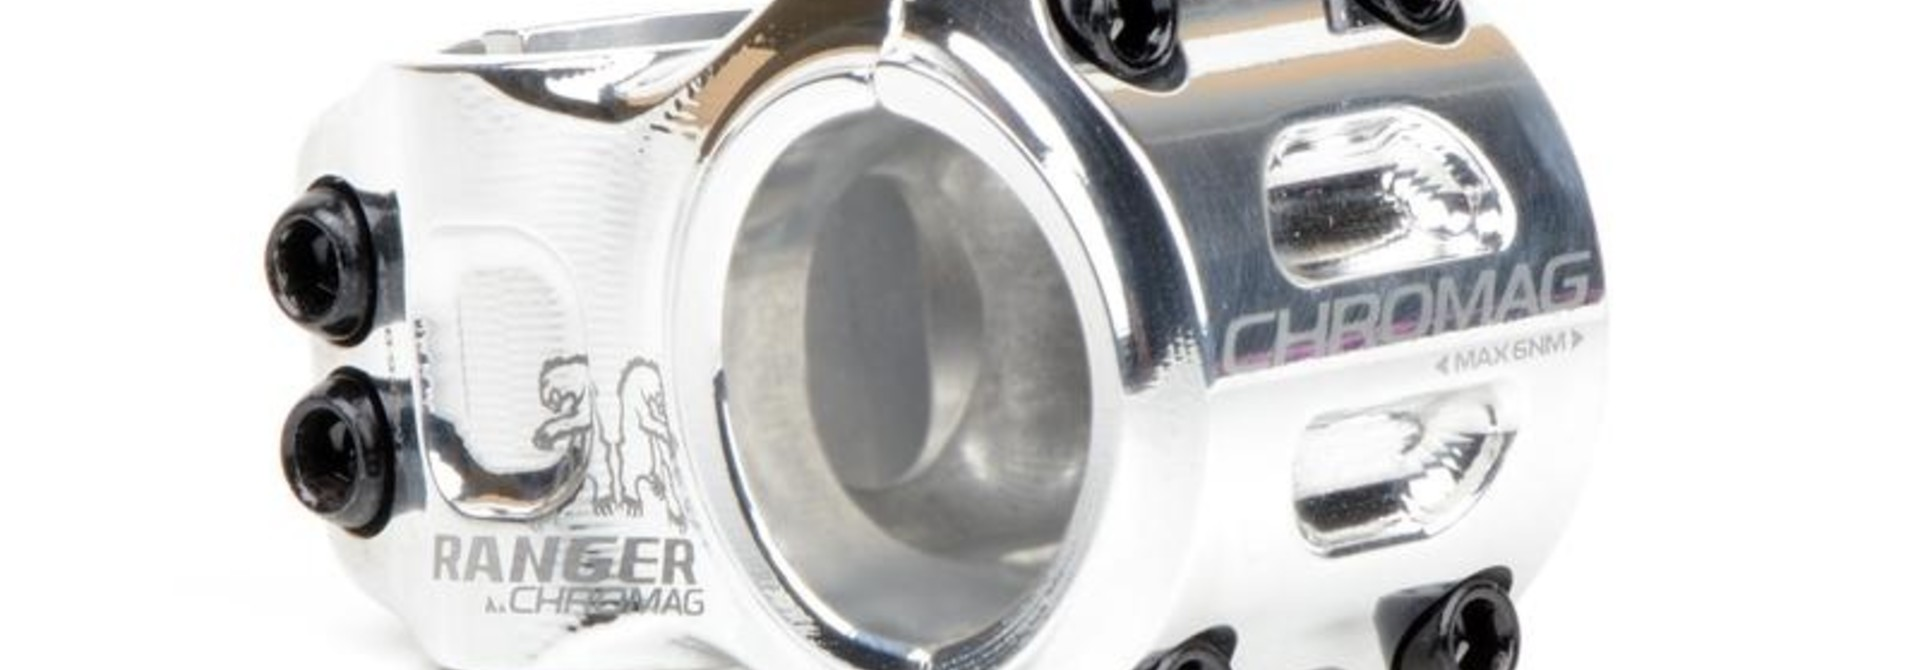 Chromag Stems Ranger V2 40mm silver 31.8mm all mountain stem